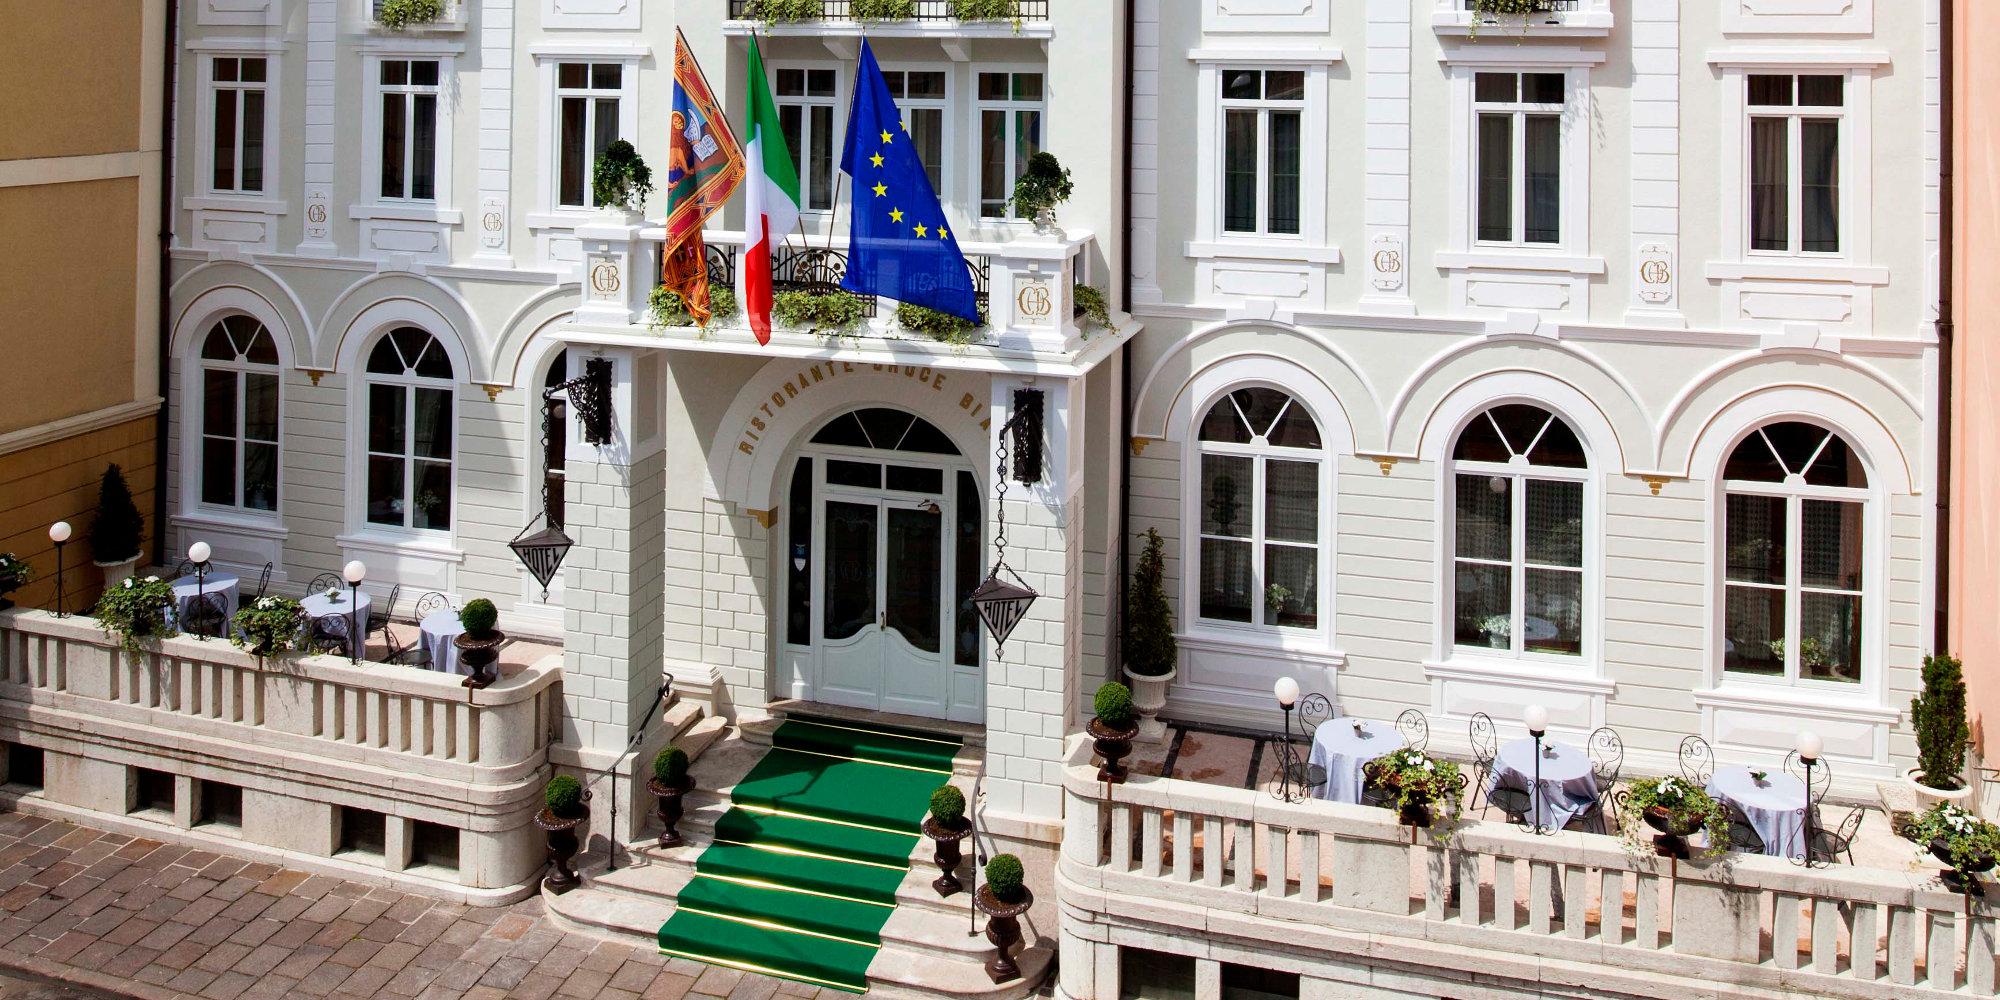 Hotel ristorante croce bianca asiago for Hotel asiago prezzi